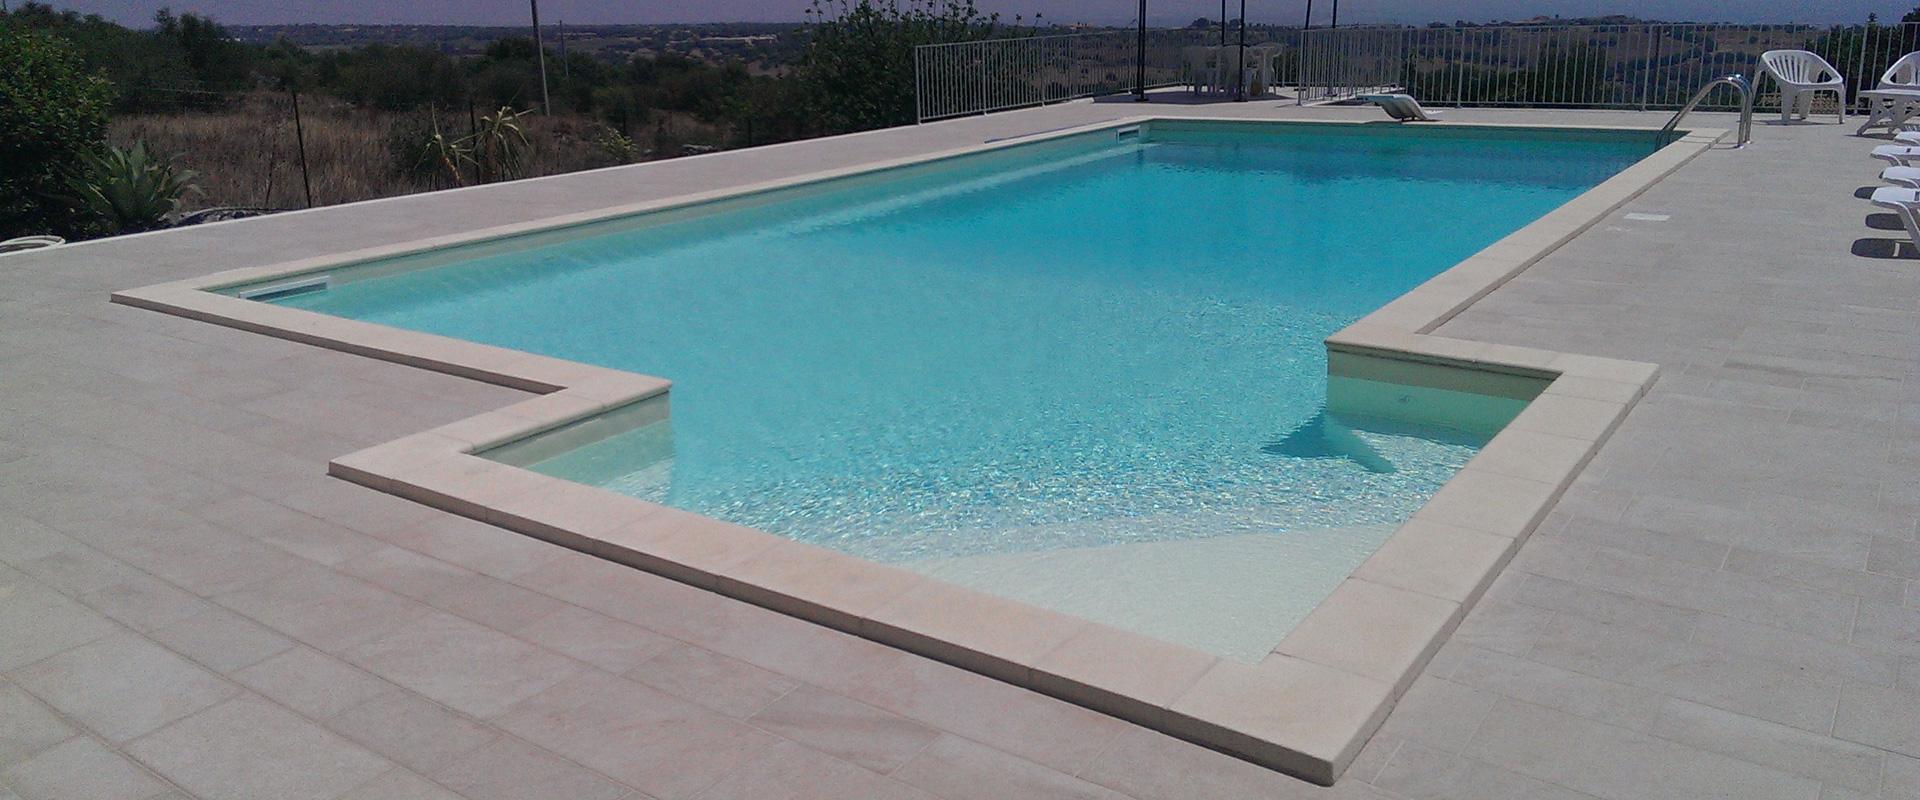 Riccione piscine